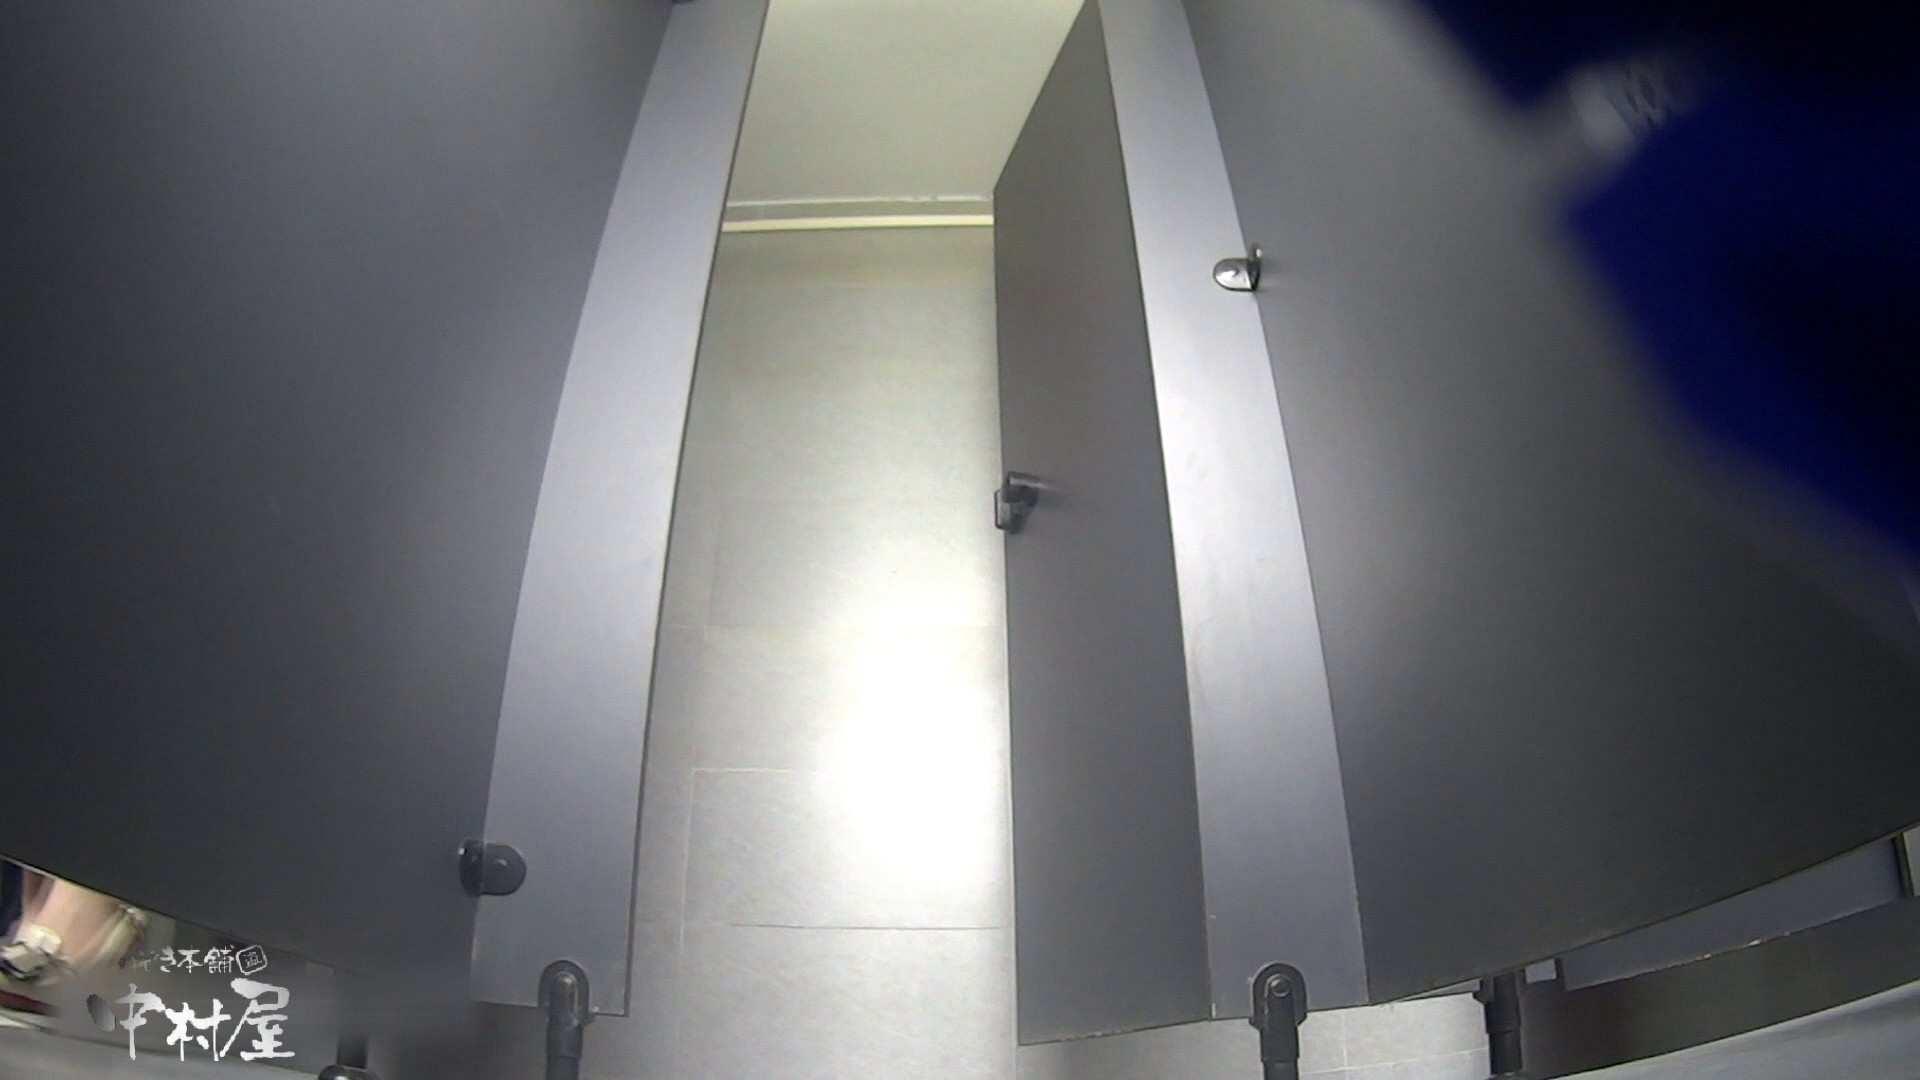 ツンデレお女市さんのトイレ事情 大学休憩時間の洗面所事情32 0 | 0  44連発 3